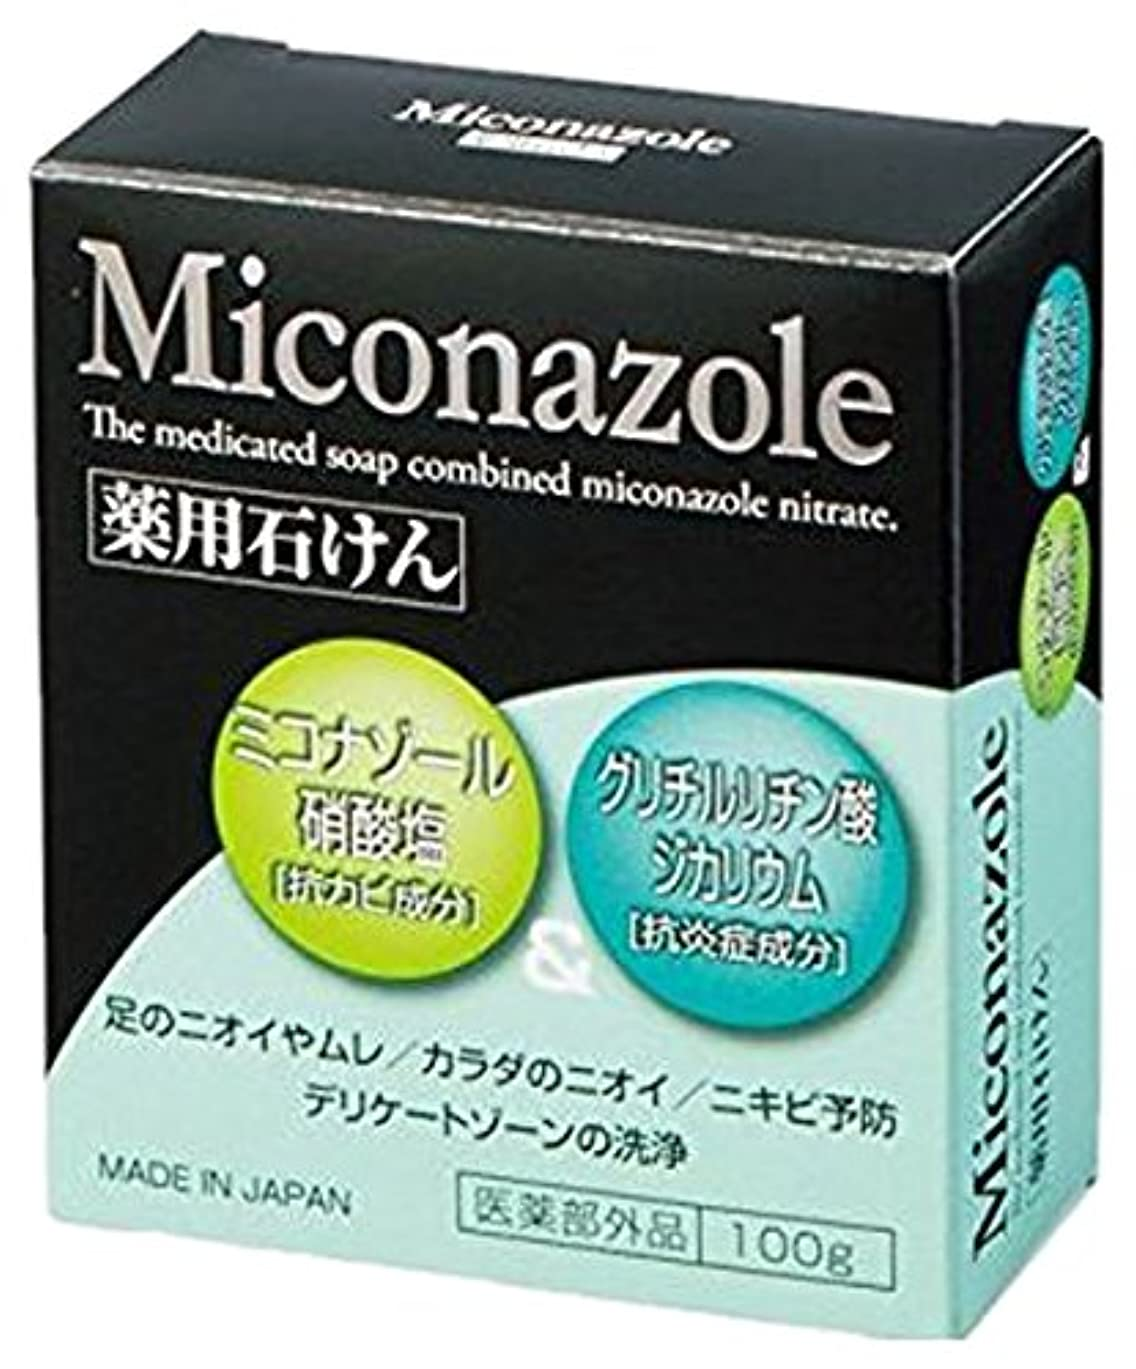 マキシム立場直接白金製薬 ミコナゾール 薬用石けん ココデオード 100g [医薬部外品]